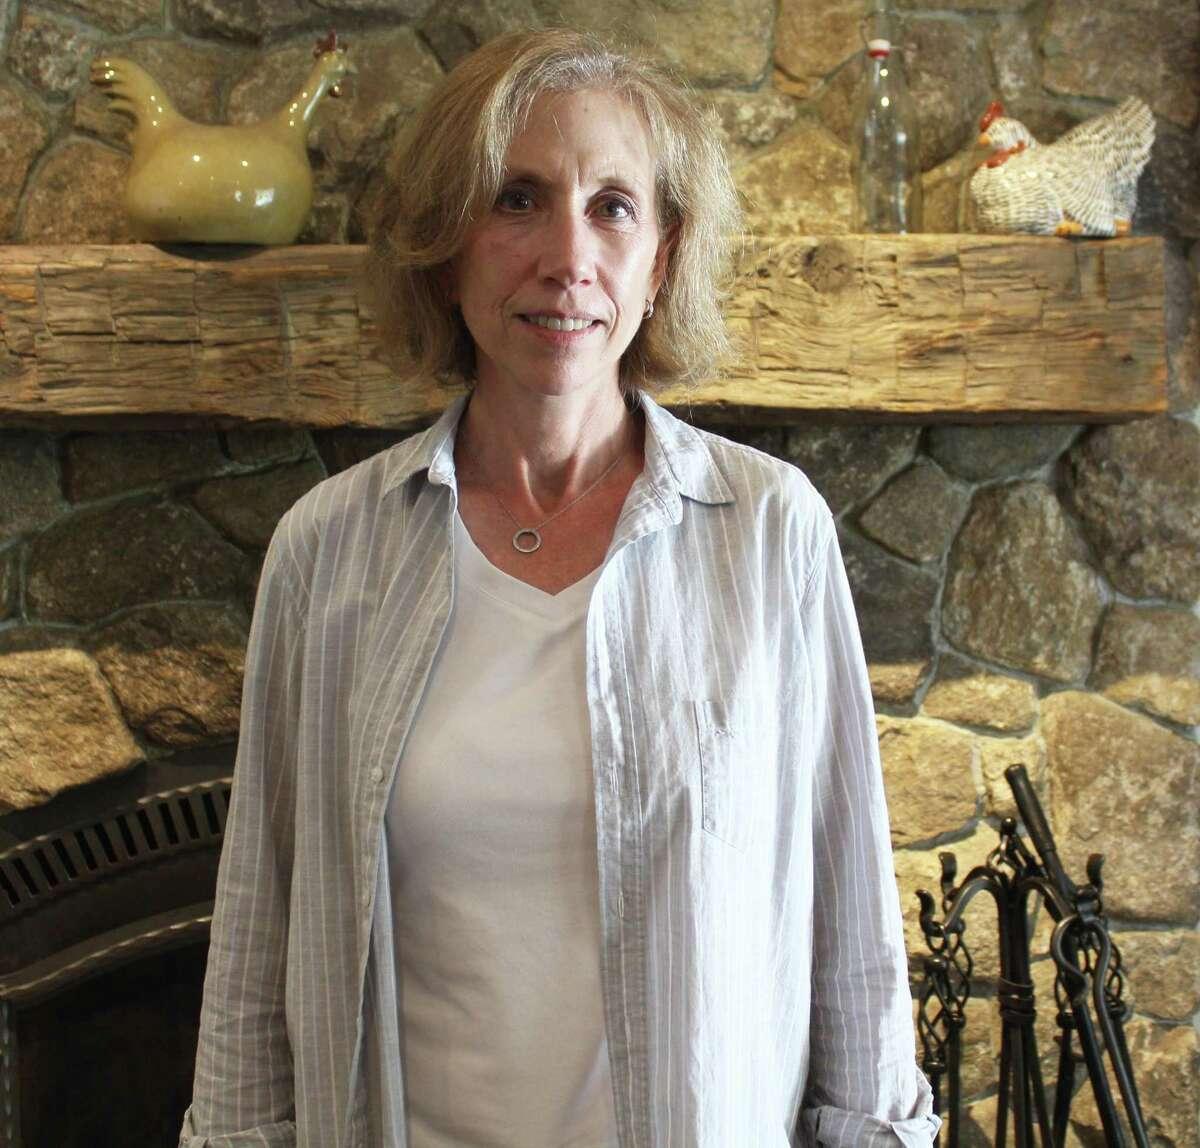 Westport Democratic Town Committee Chair Ellen Lautenberg